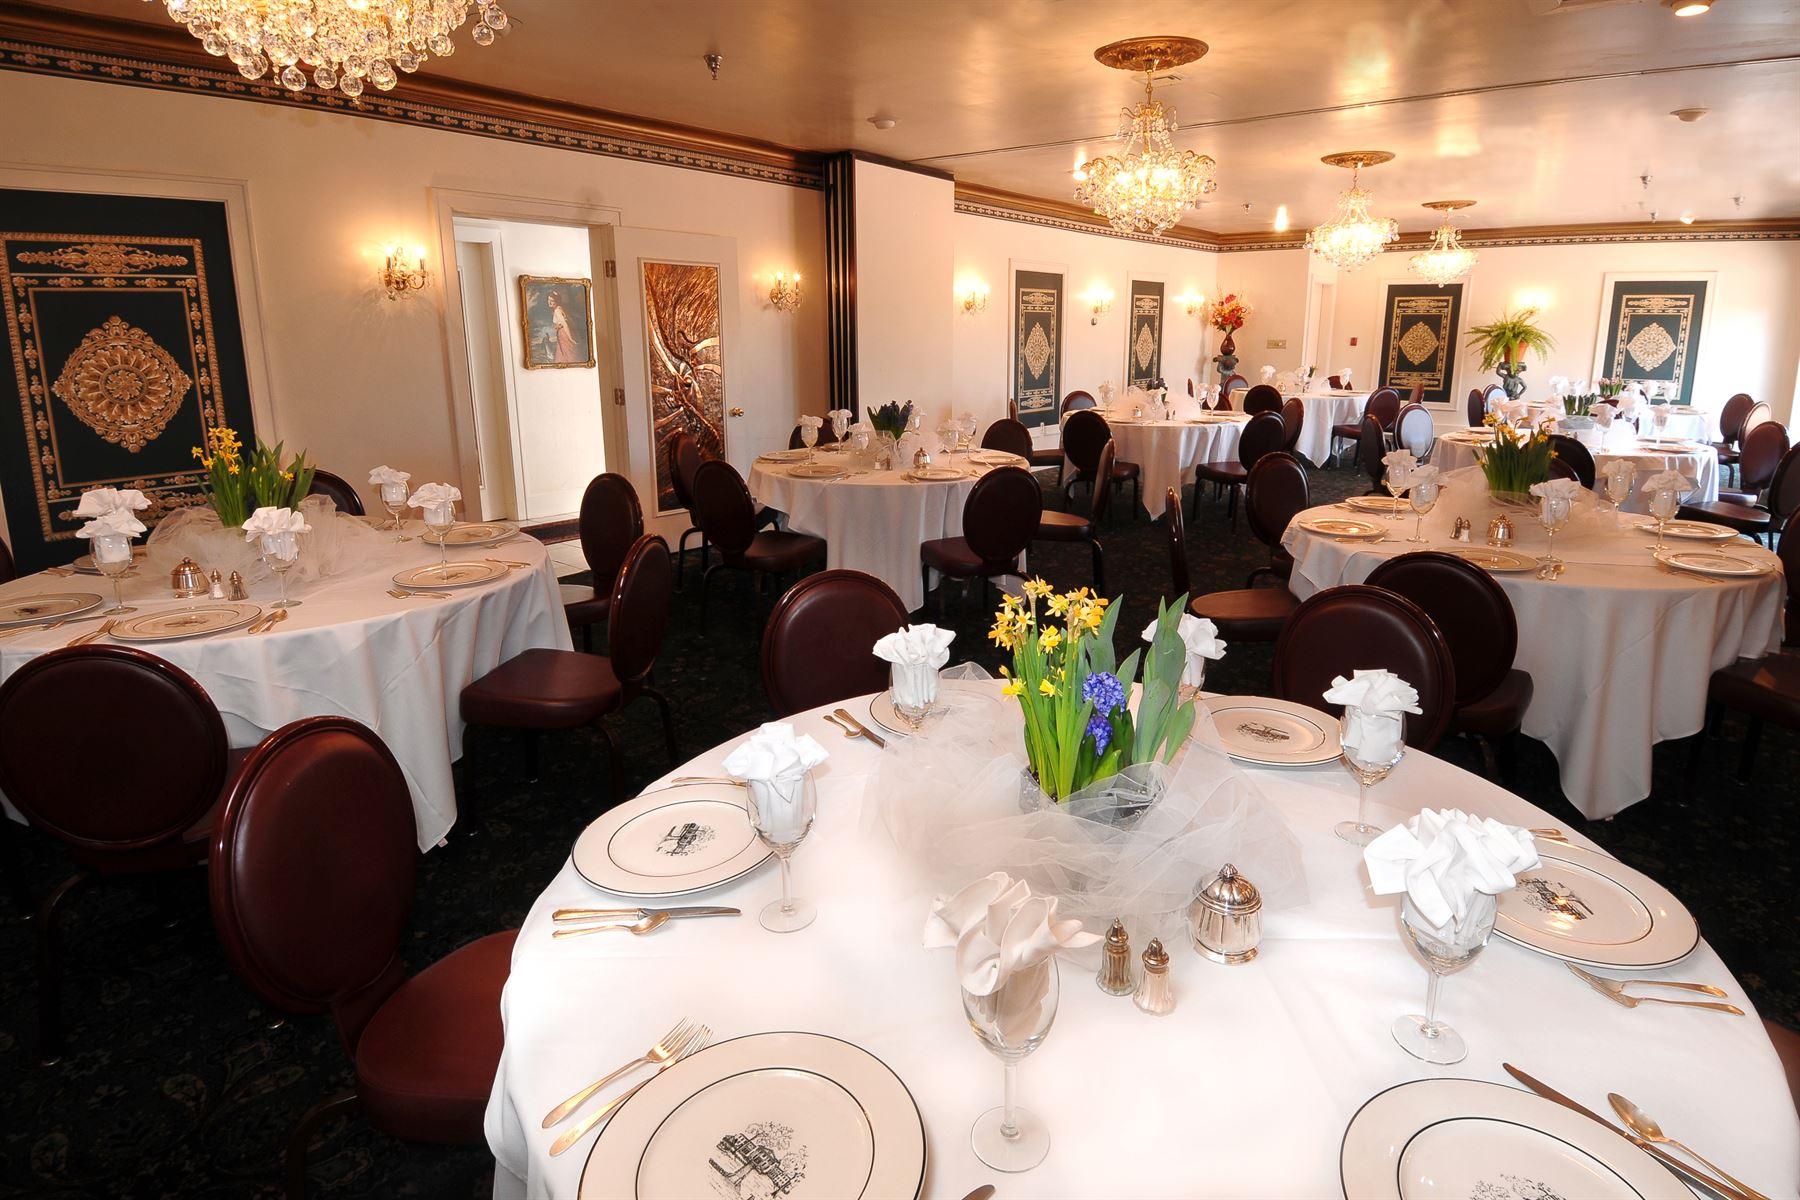 Shiloh Banquet